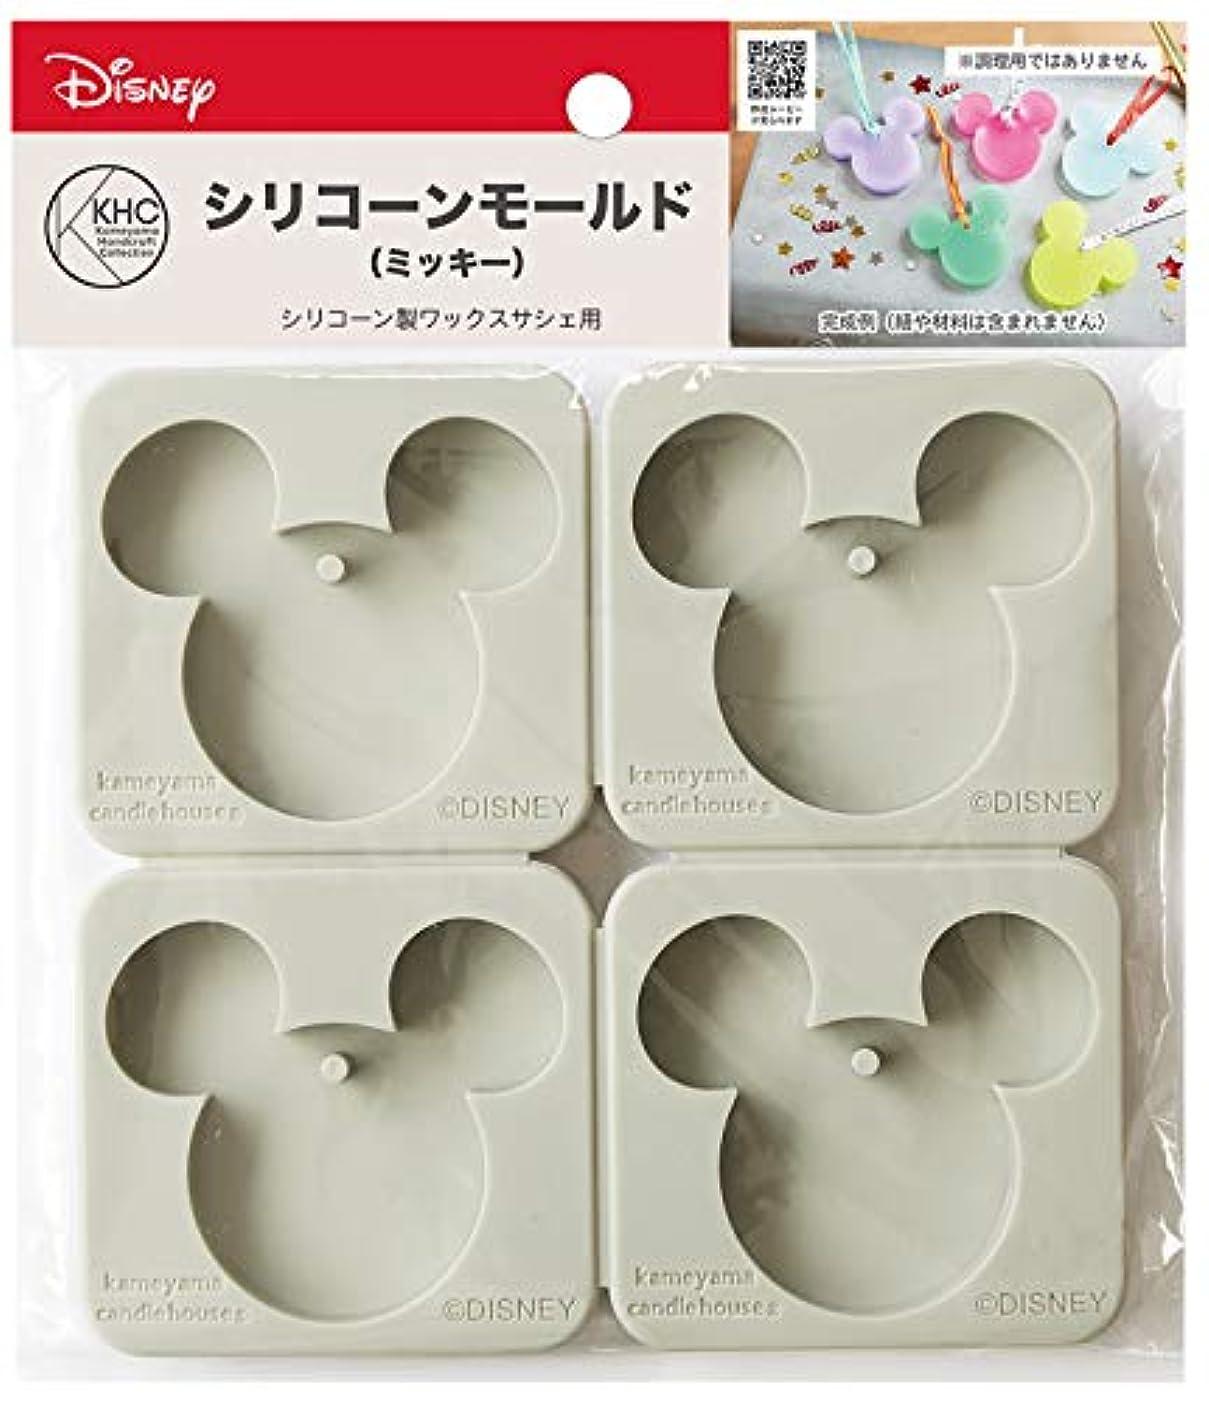 対処活性化する花束カメヤマキャンドルハウス ディズニー シリコーンモールド ミッキーアイコン 1個